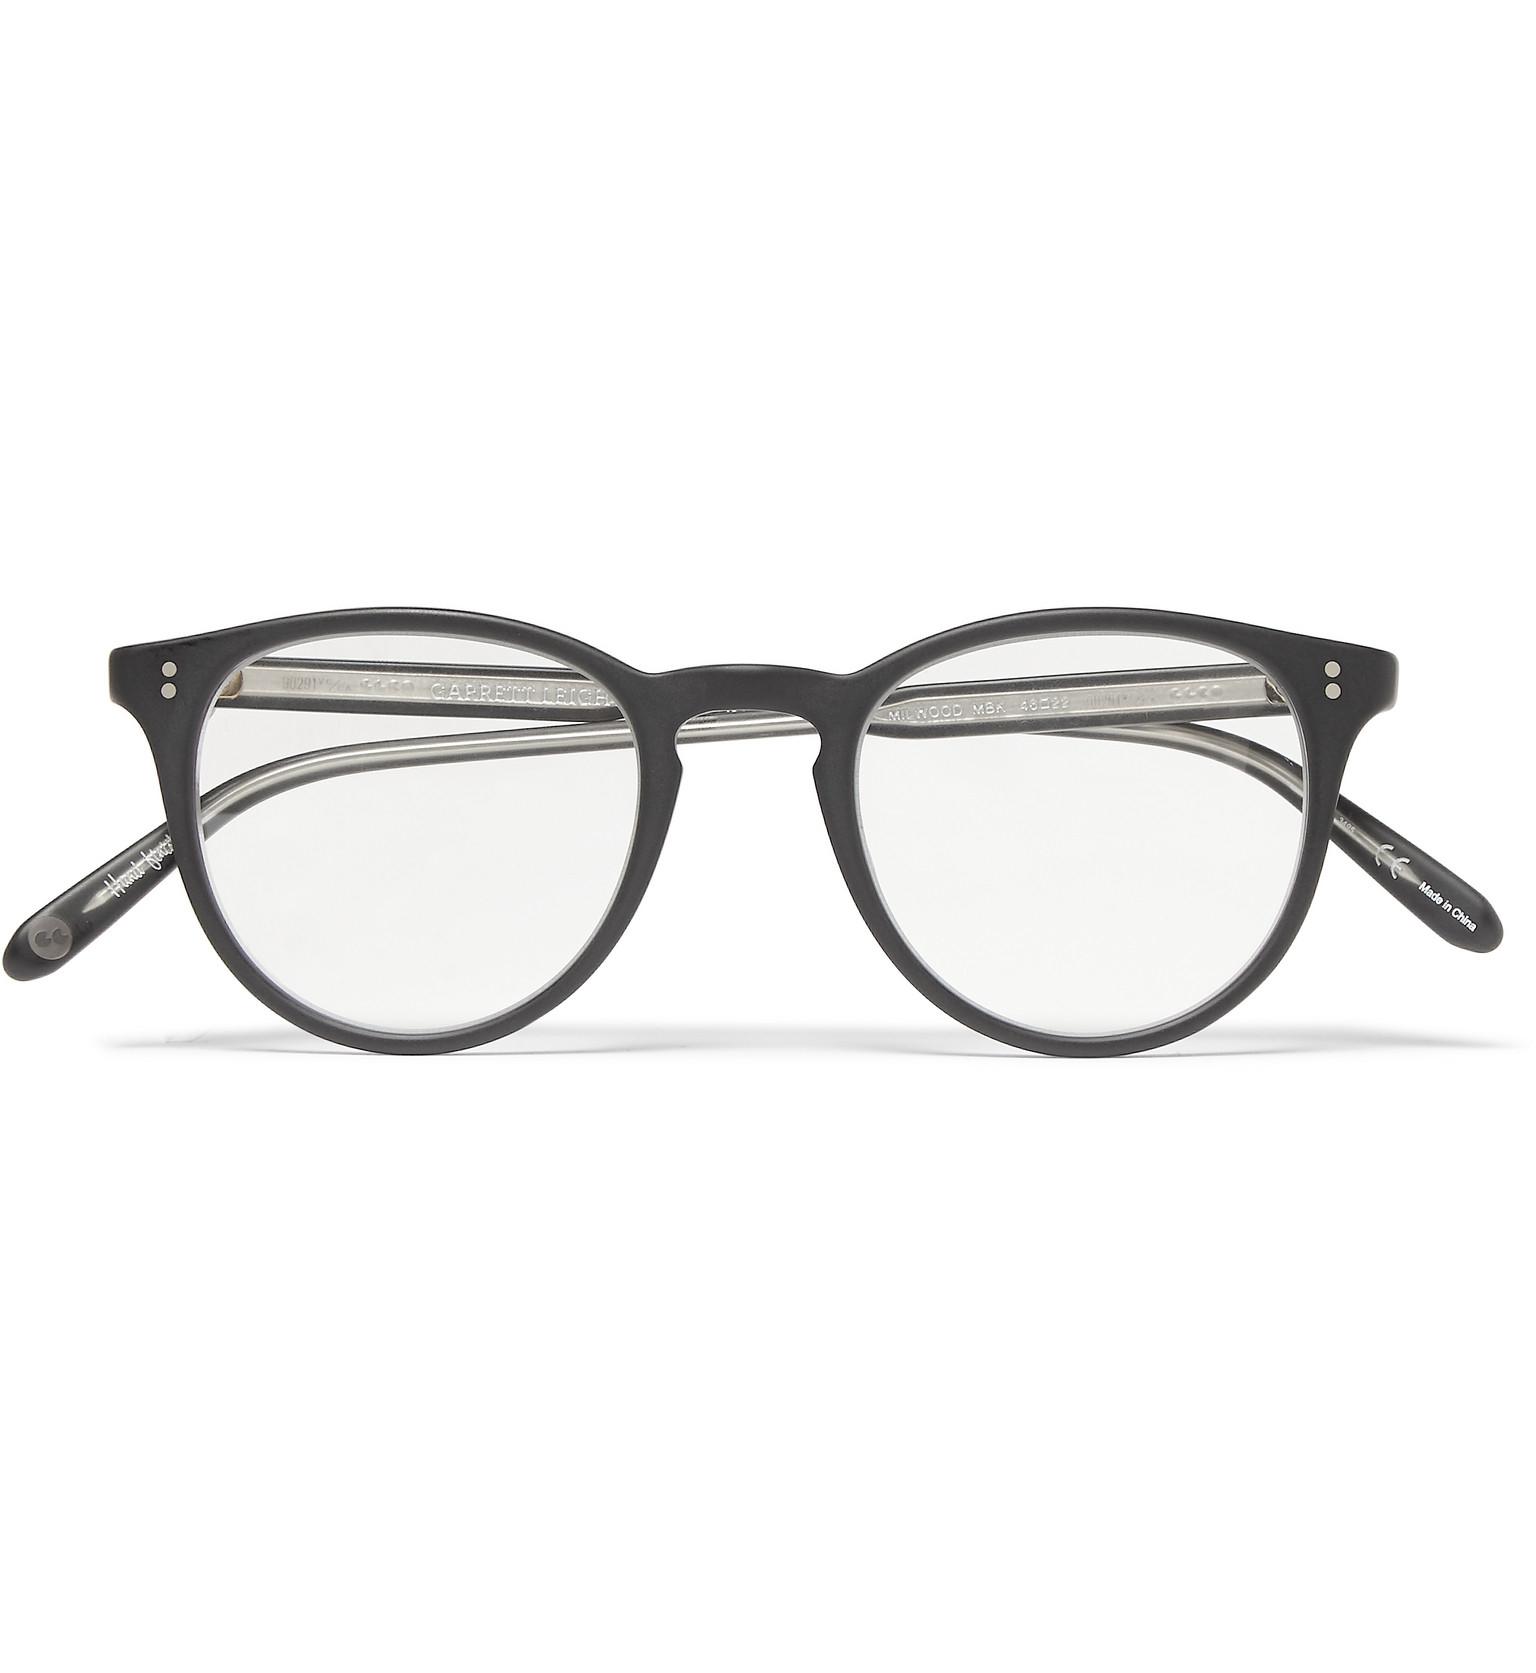 Lyst - Garrett Leight Milwood Round-frame Acetate Optical Glasses in Black  for Men